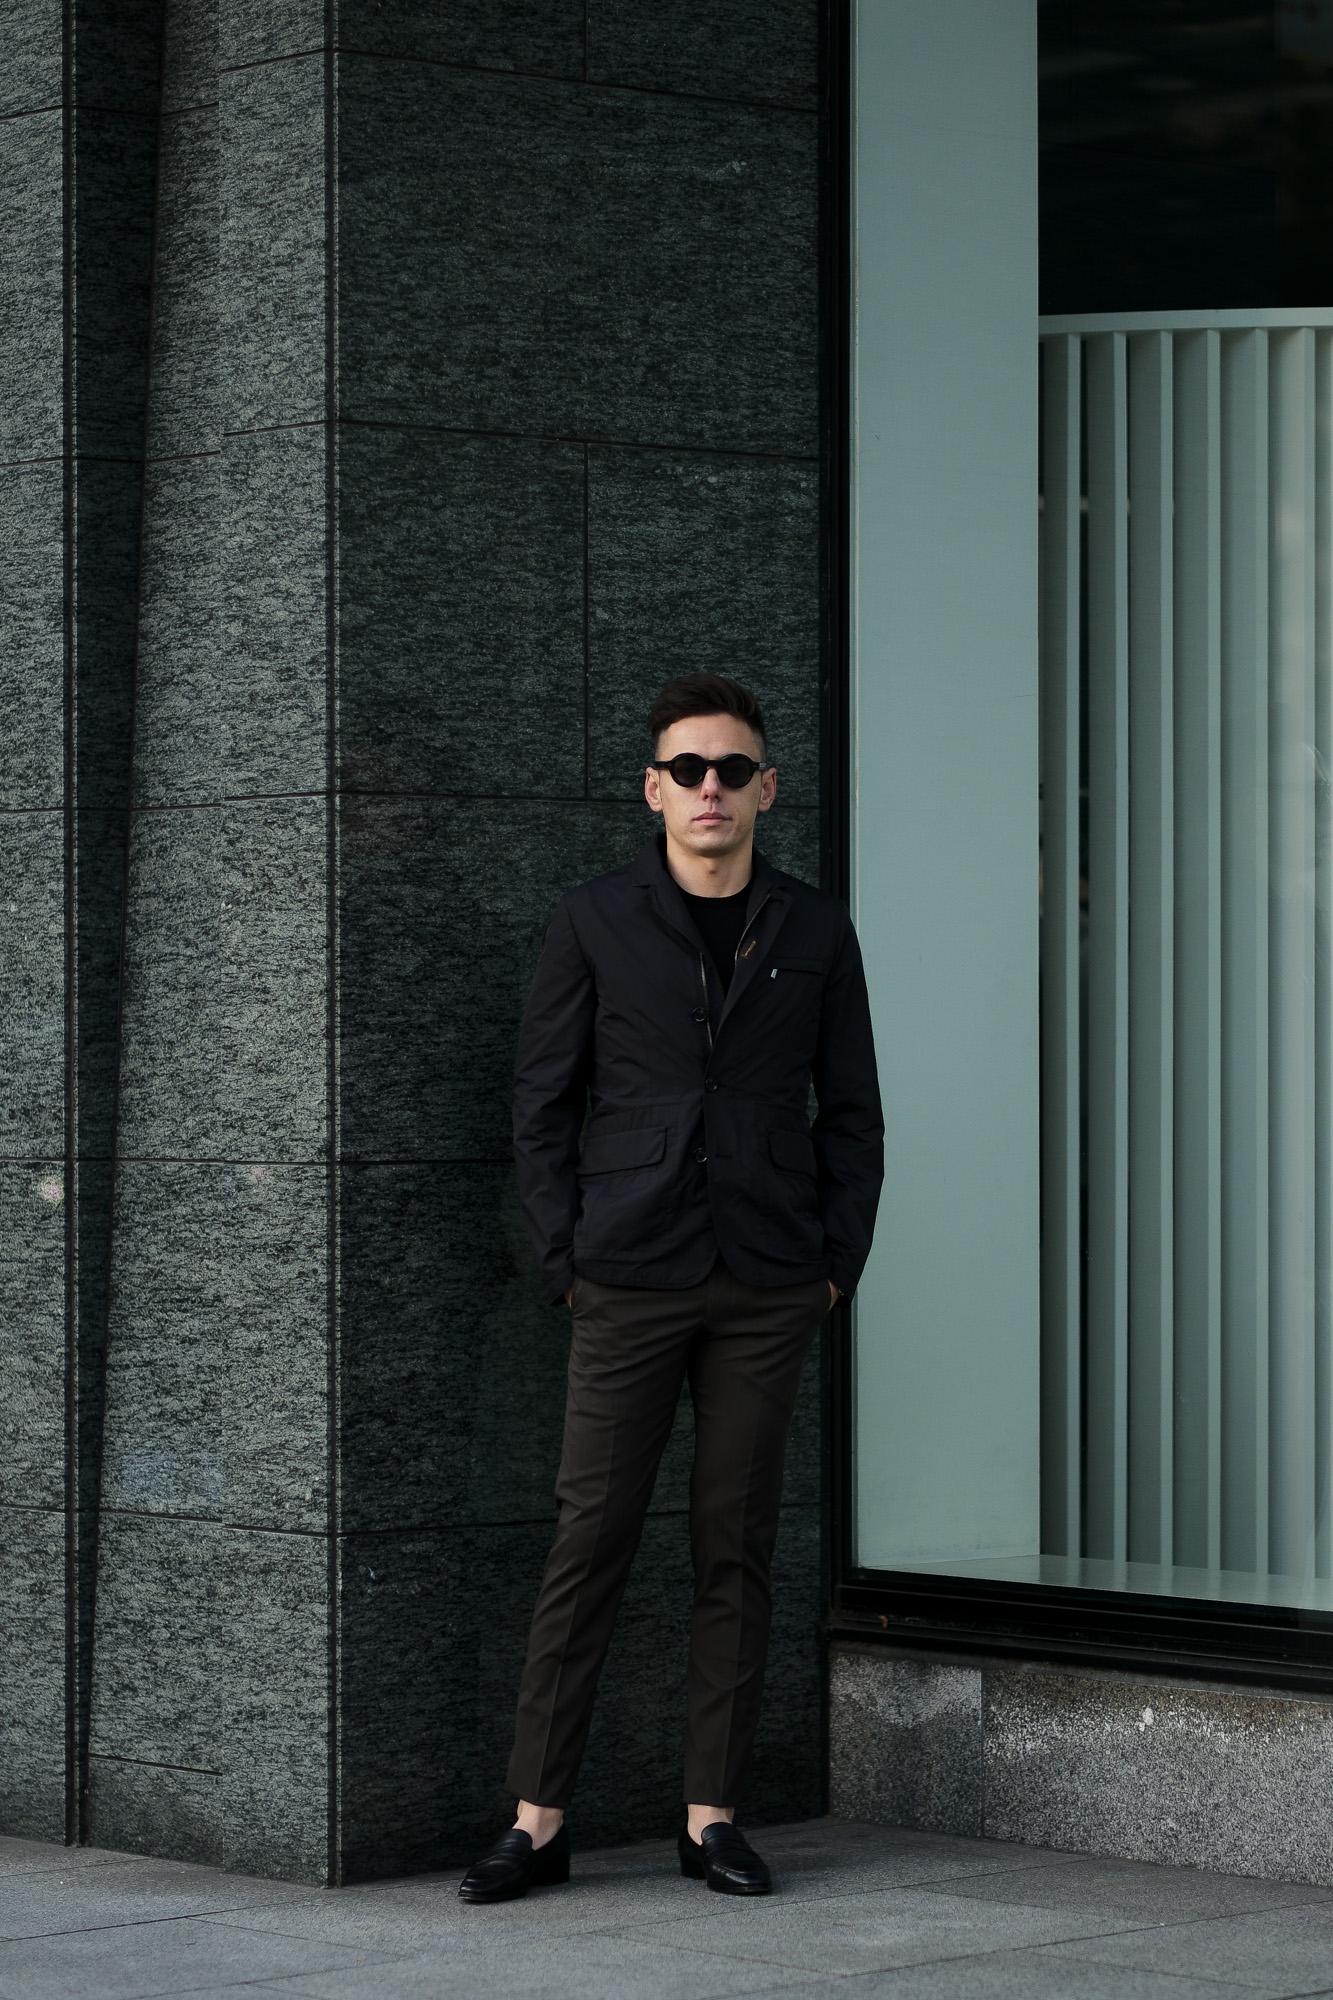 MOORER(ムーレー) GHIBERTI-KM1 (ギベルティ) ナイロン シングル ジャケット NERO (ブラック) Made in italy (イタリア製) 2020 春夏新作 愛知 名古屋 altoediritto アルトエデリット